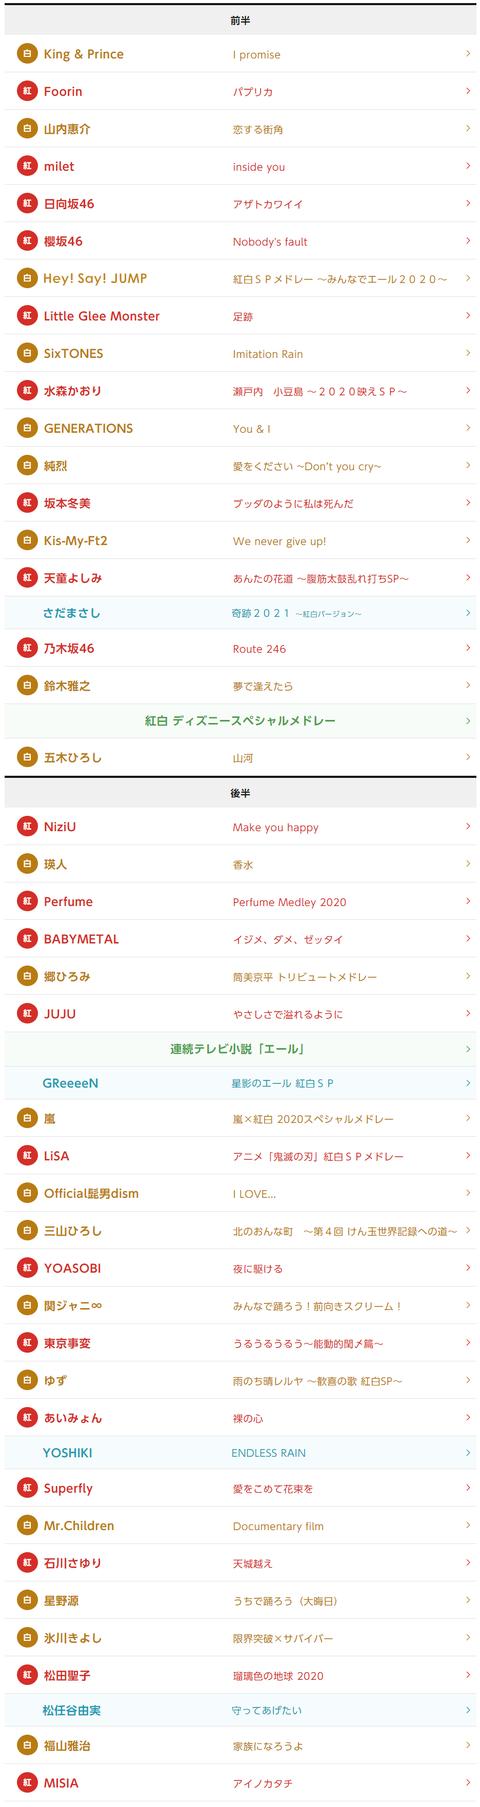 【悲報】第71回紅白歌合戦、櫻坂46と日向坂46がセット、乃木坂46も前半に回されてしまう